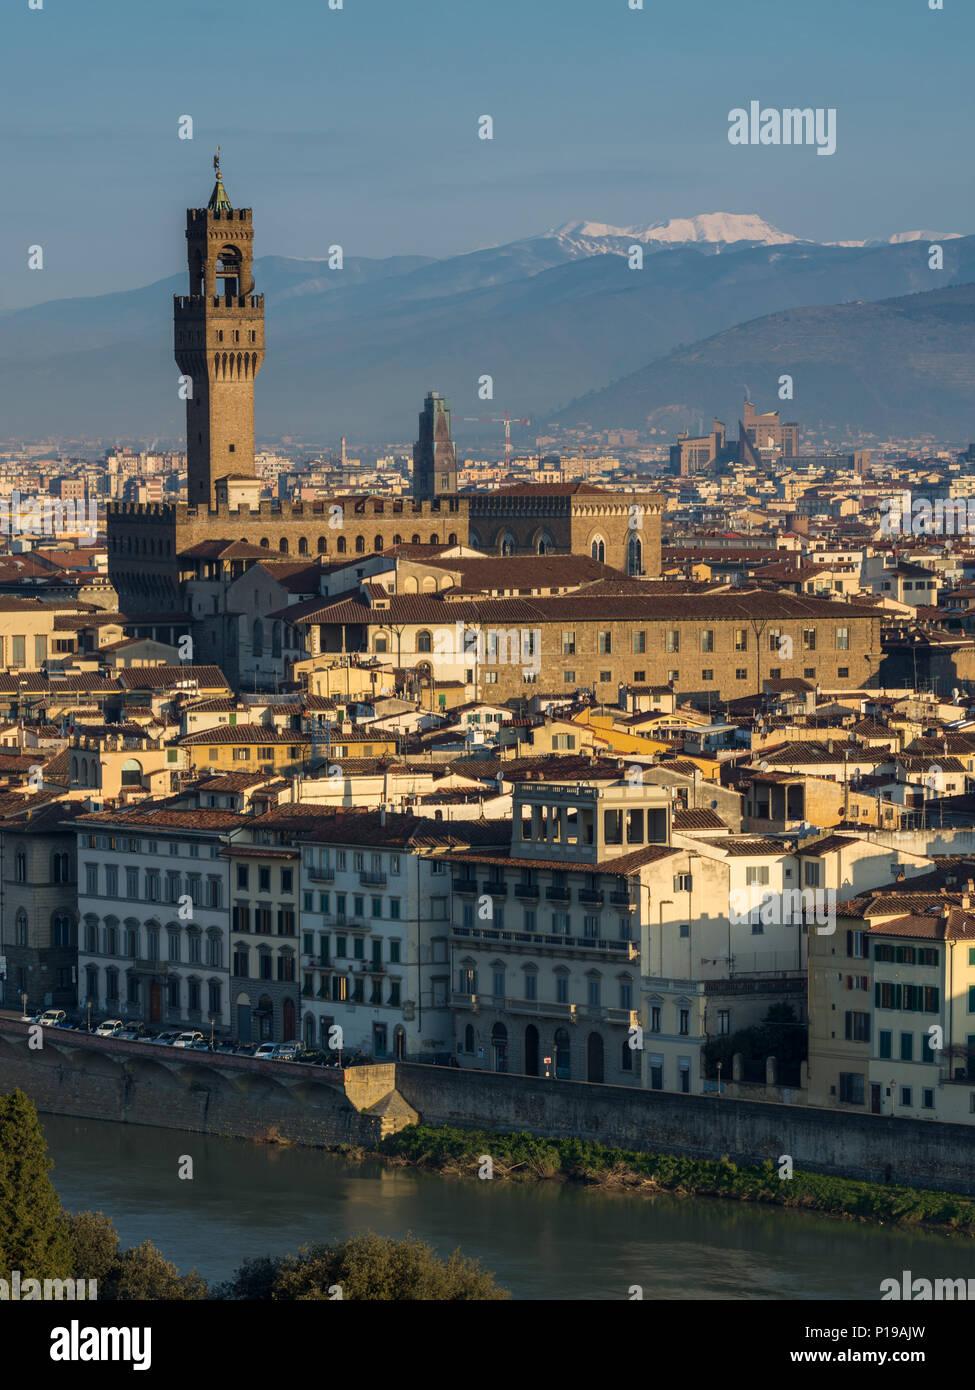 Florenz, Italien - 24. März 2018: Morgenlicht leuchtet das Stadtbild von Florenz, darunter das historische Wahrzeichen der Palazzo Vecchio. Stockbild